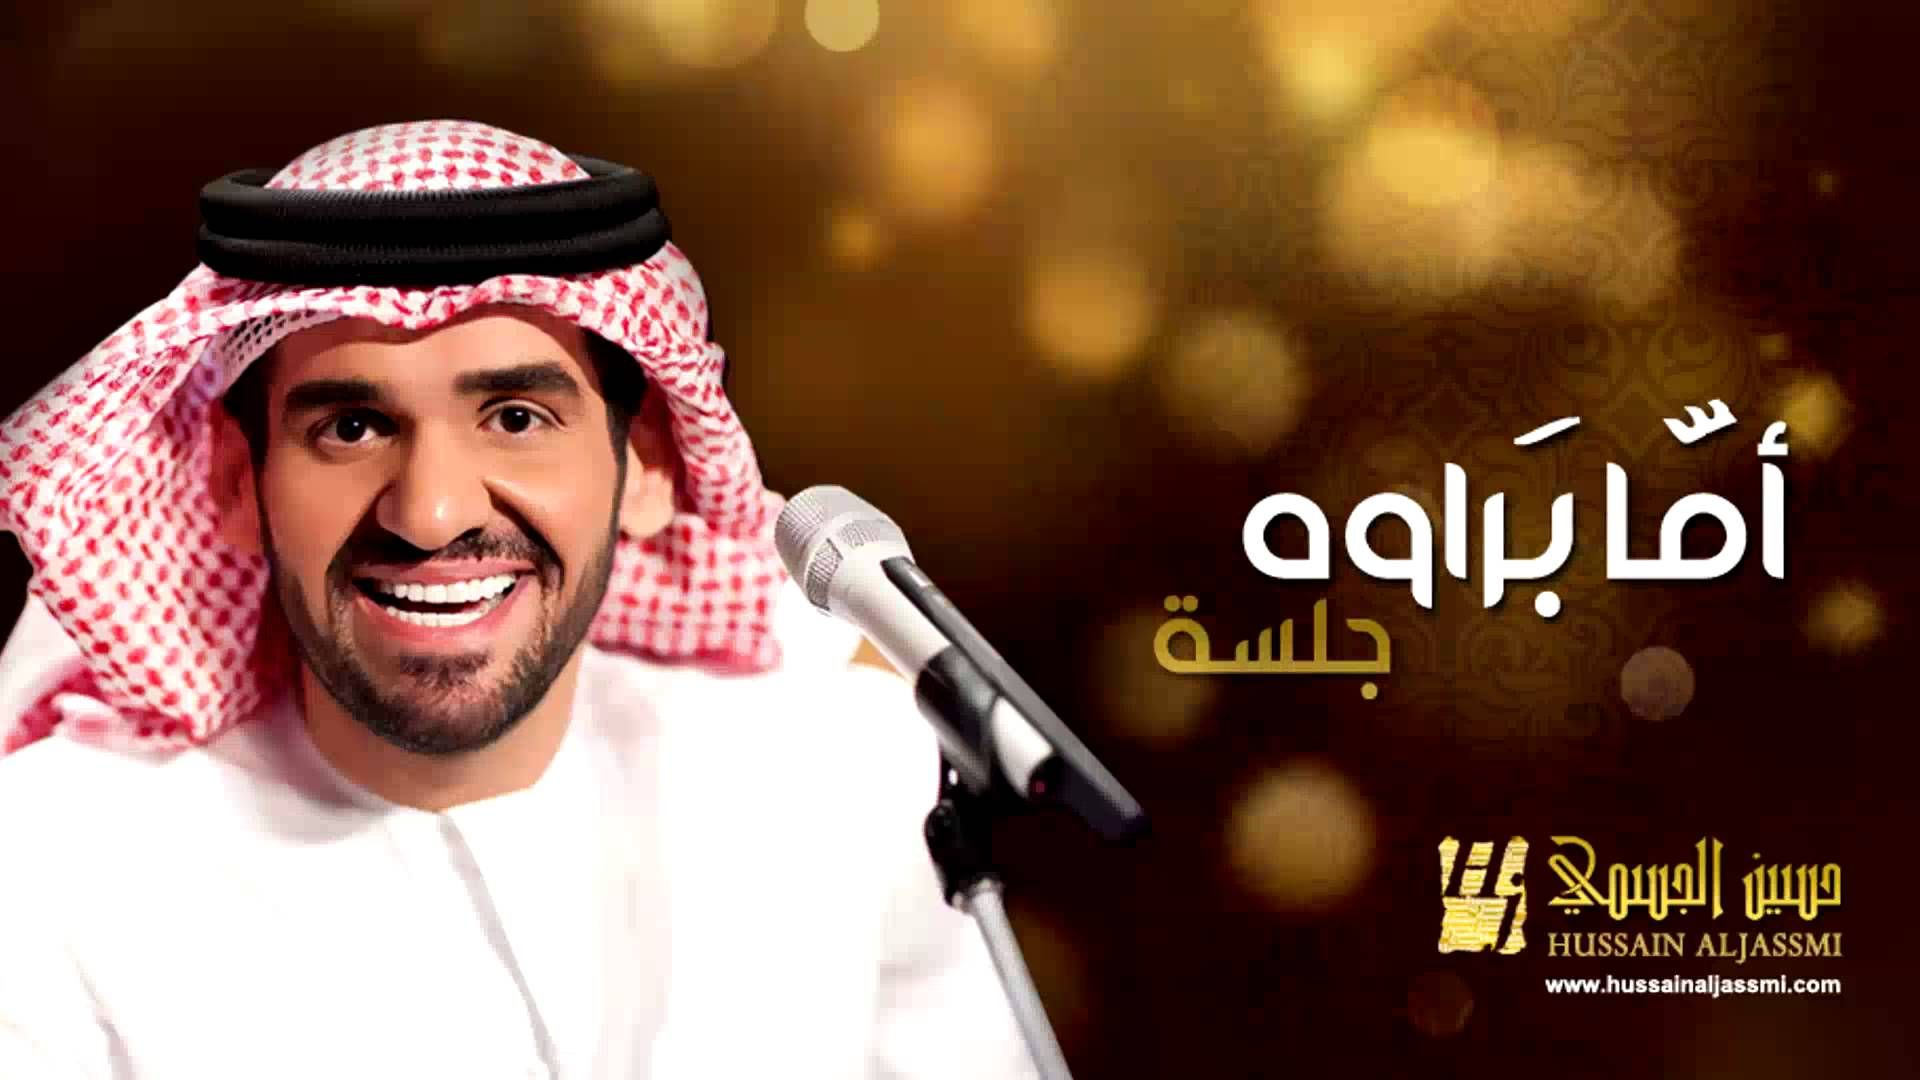 حسين الجسمي أما براوه جلسات وناسة Hussain Al Jassmi Jalsat Wanasa Entertainment Video World Music Songs